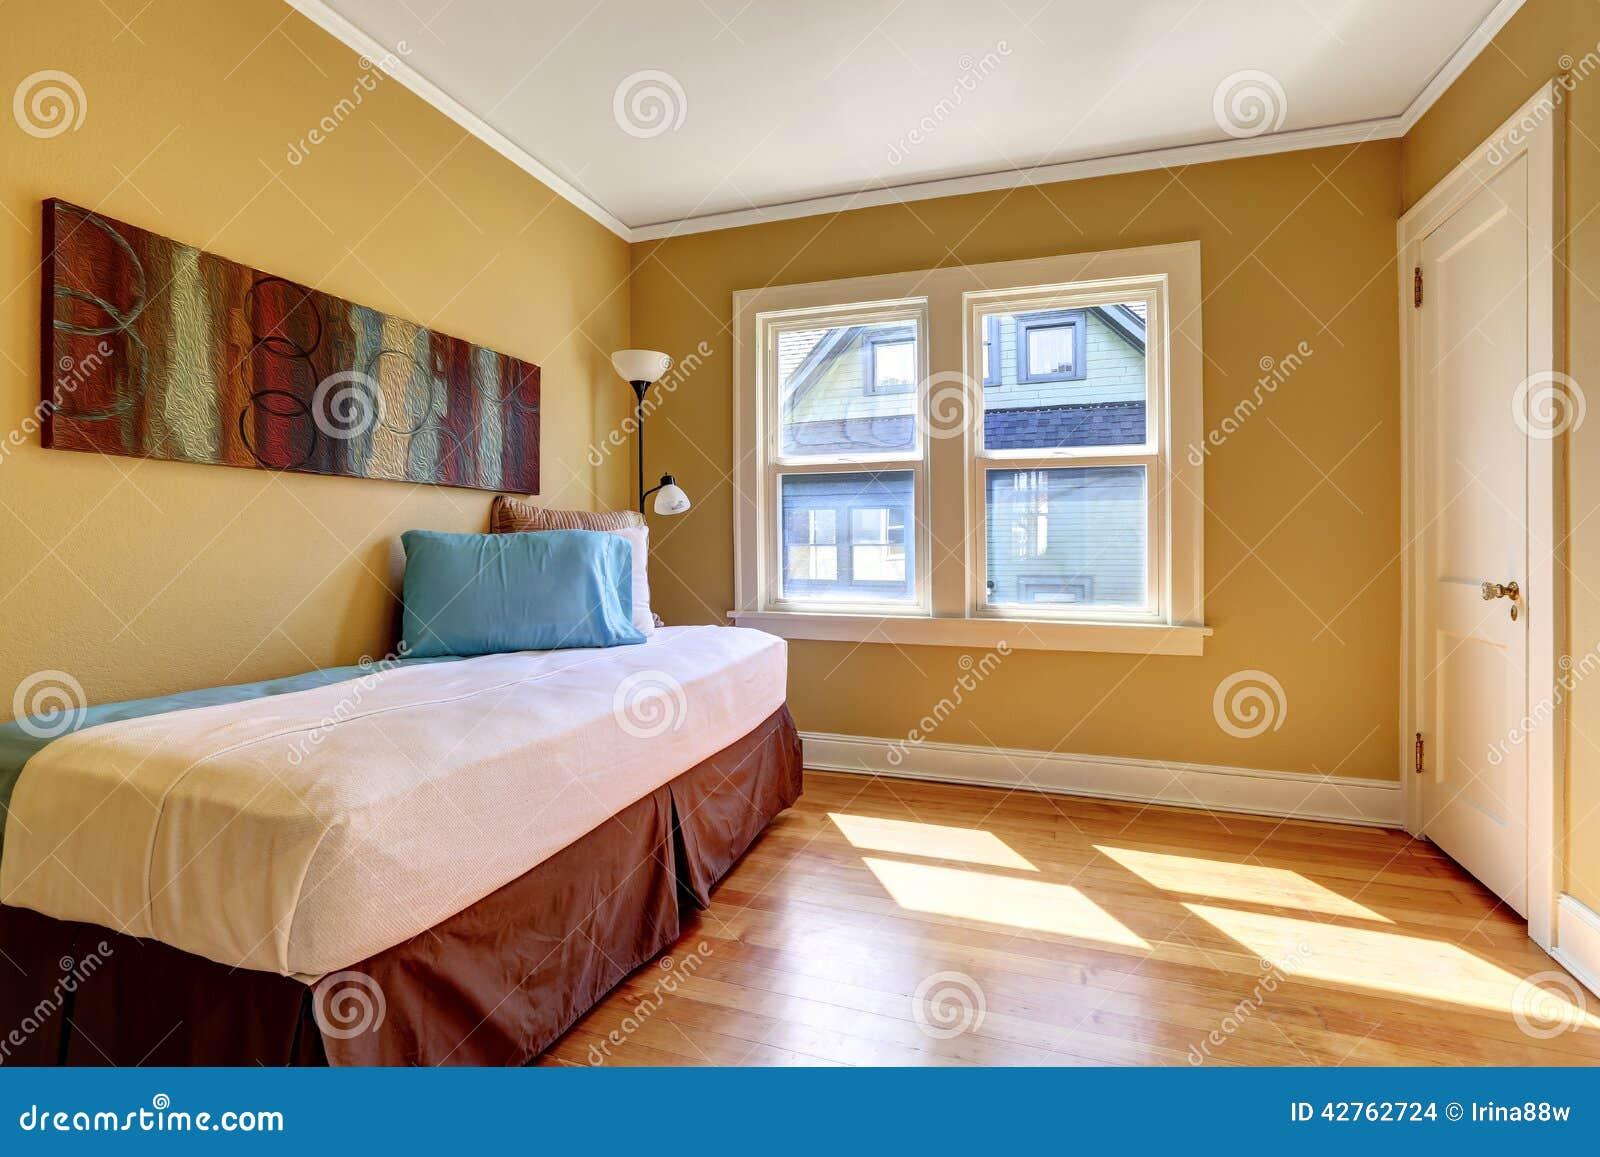 Camera da letto semplice con letto singolo nella lettiera variopinta fotografia stock immagine - Camera letto singolo ...